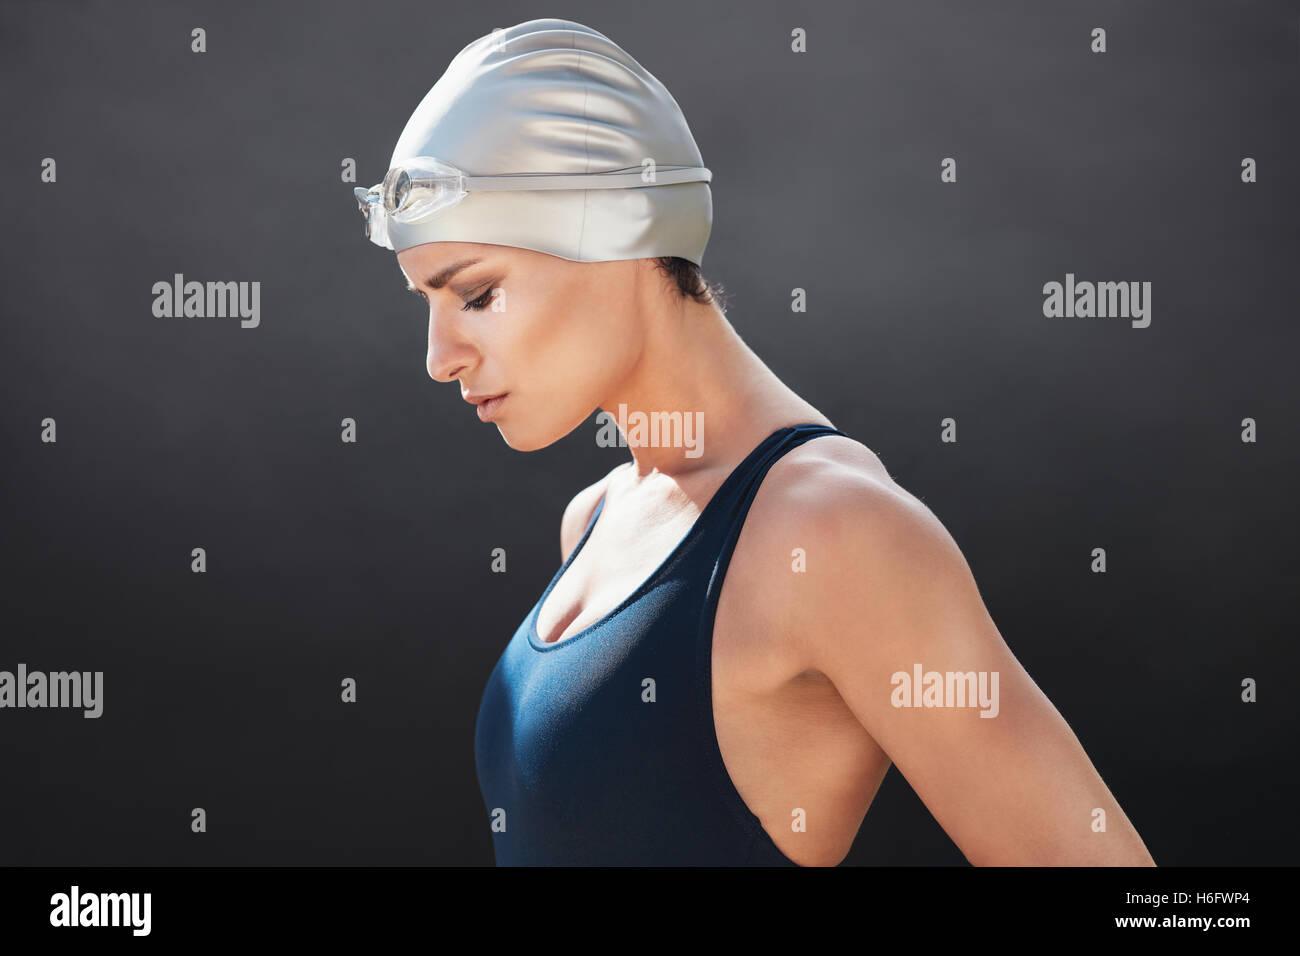 Vue latérale du fit young female swimmer sur fond noir. Femme Fitness en maillot de concentration. Photo Stock